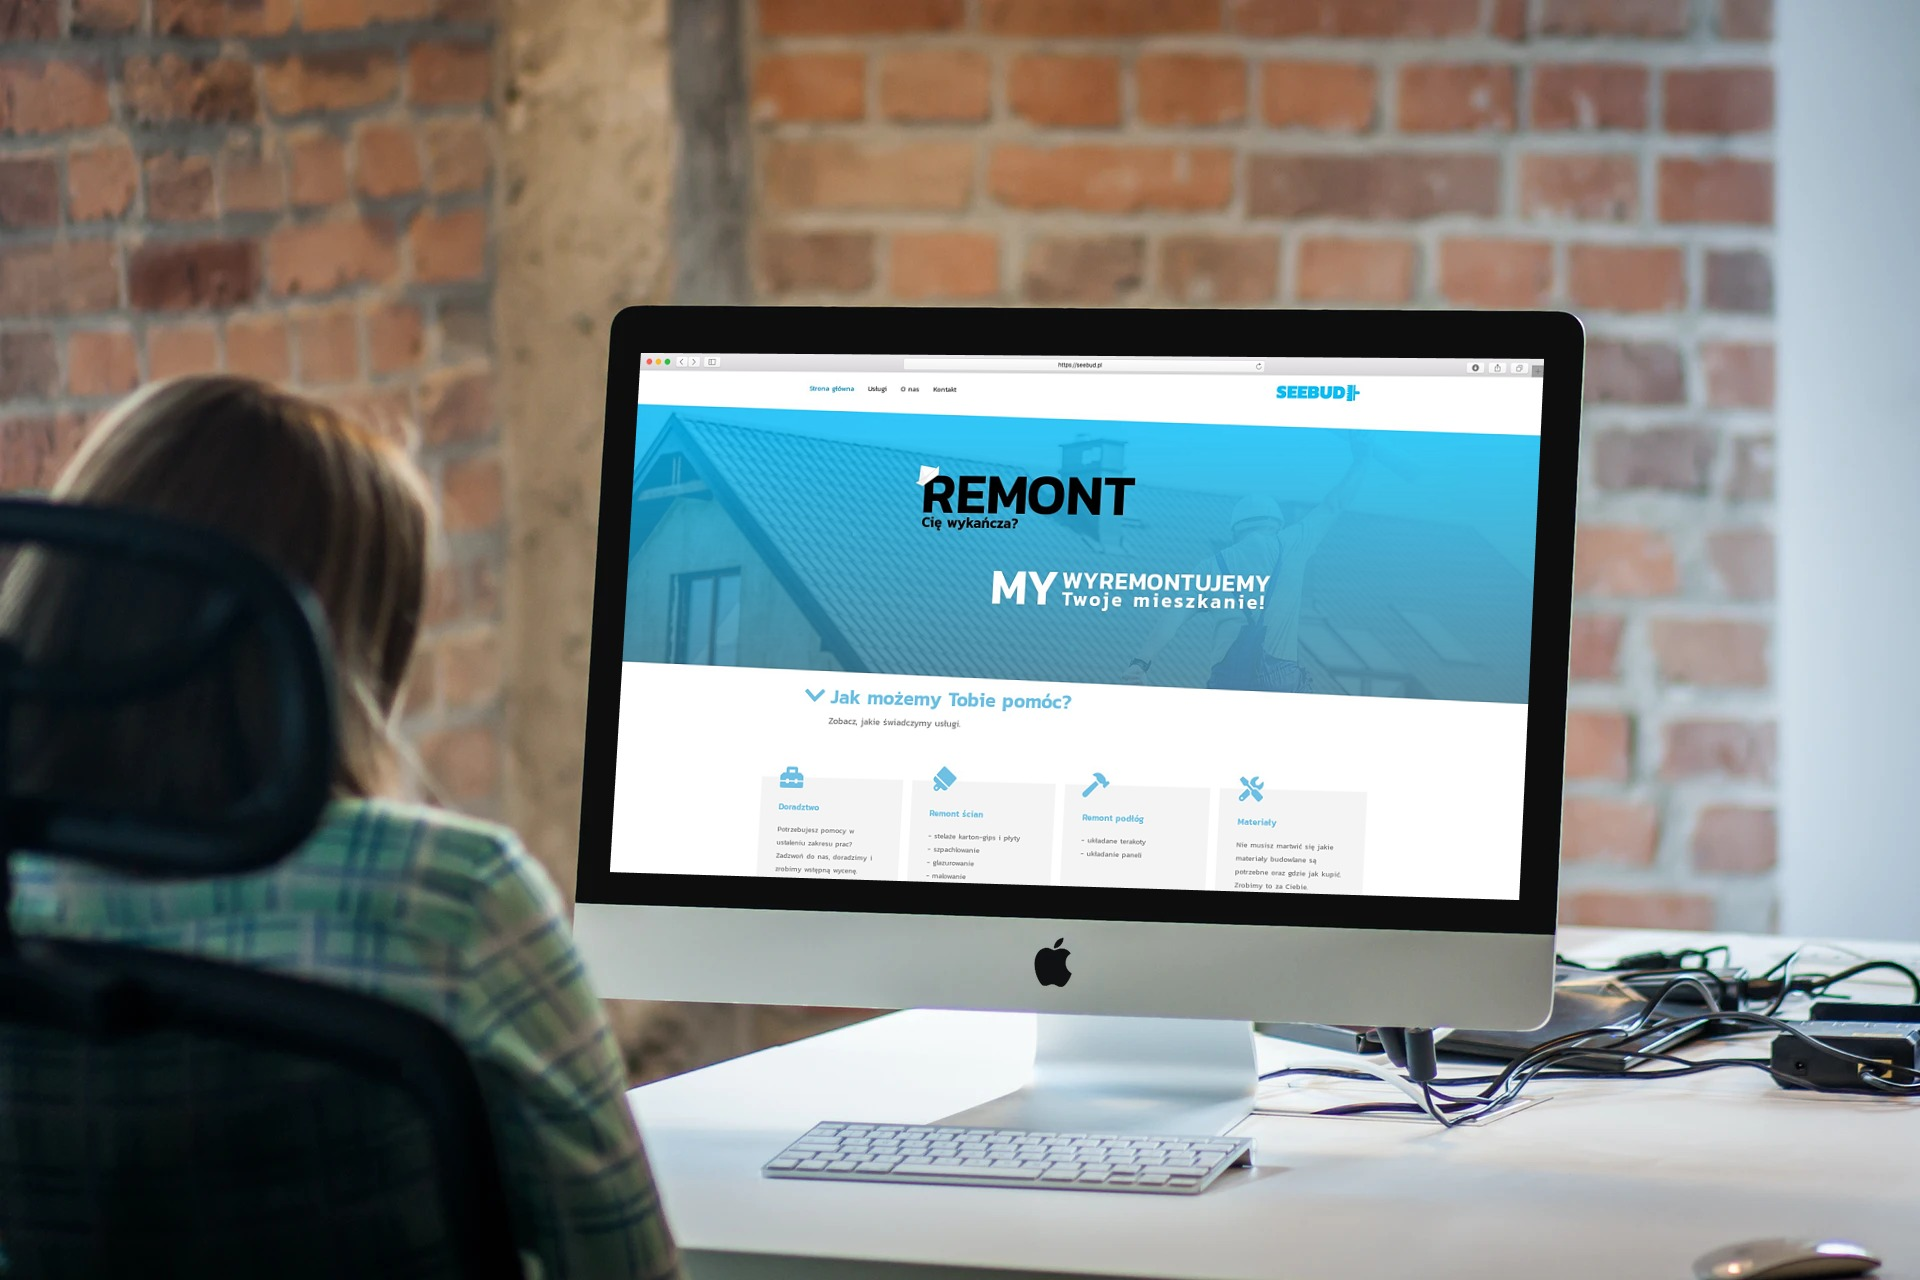 Strona Internetowa dla firmy remontowej seebud.pl